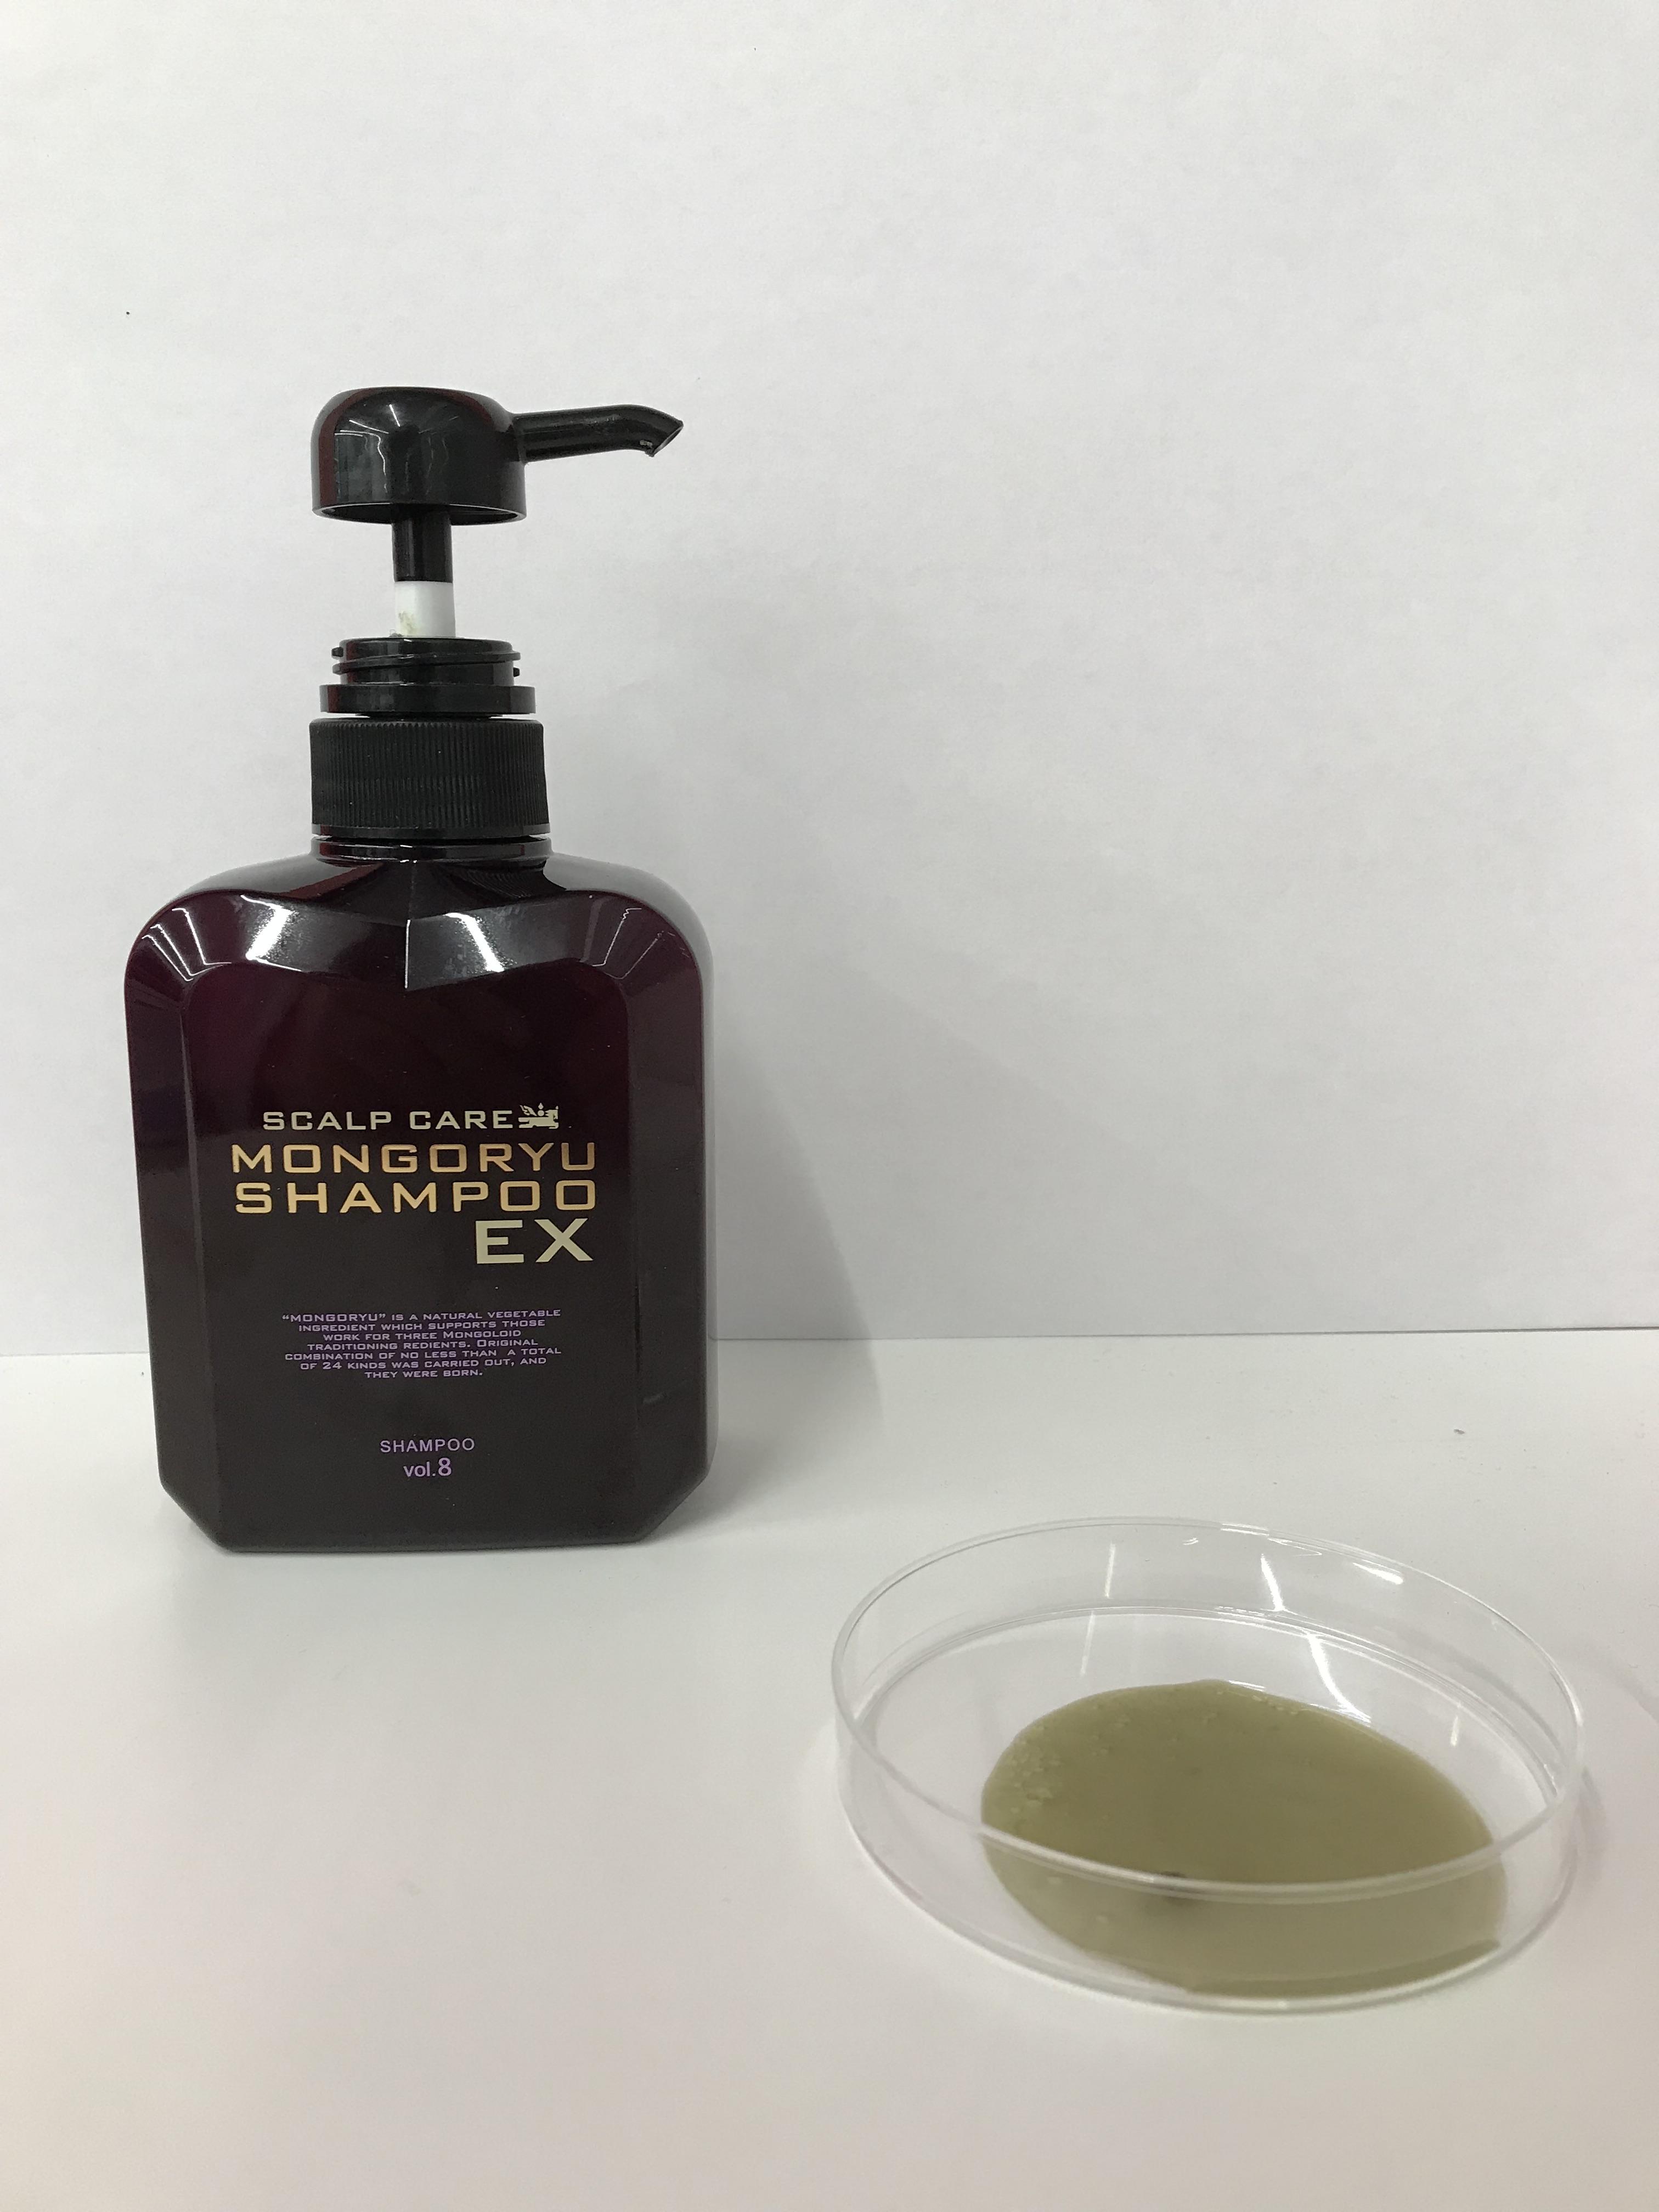 モンゴ流シャンプーEXvol.8のボトルとシャンプー液